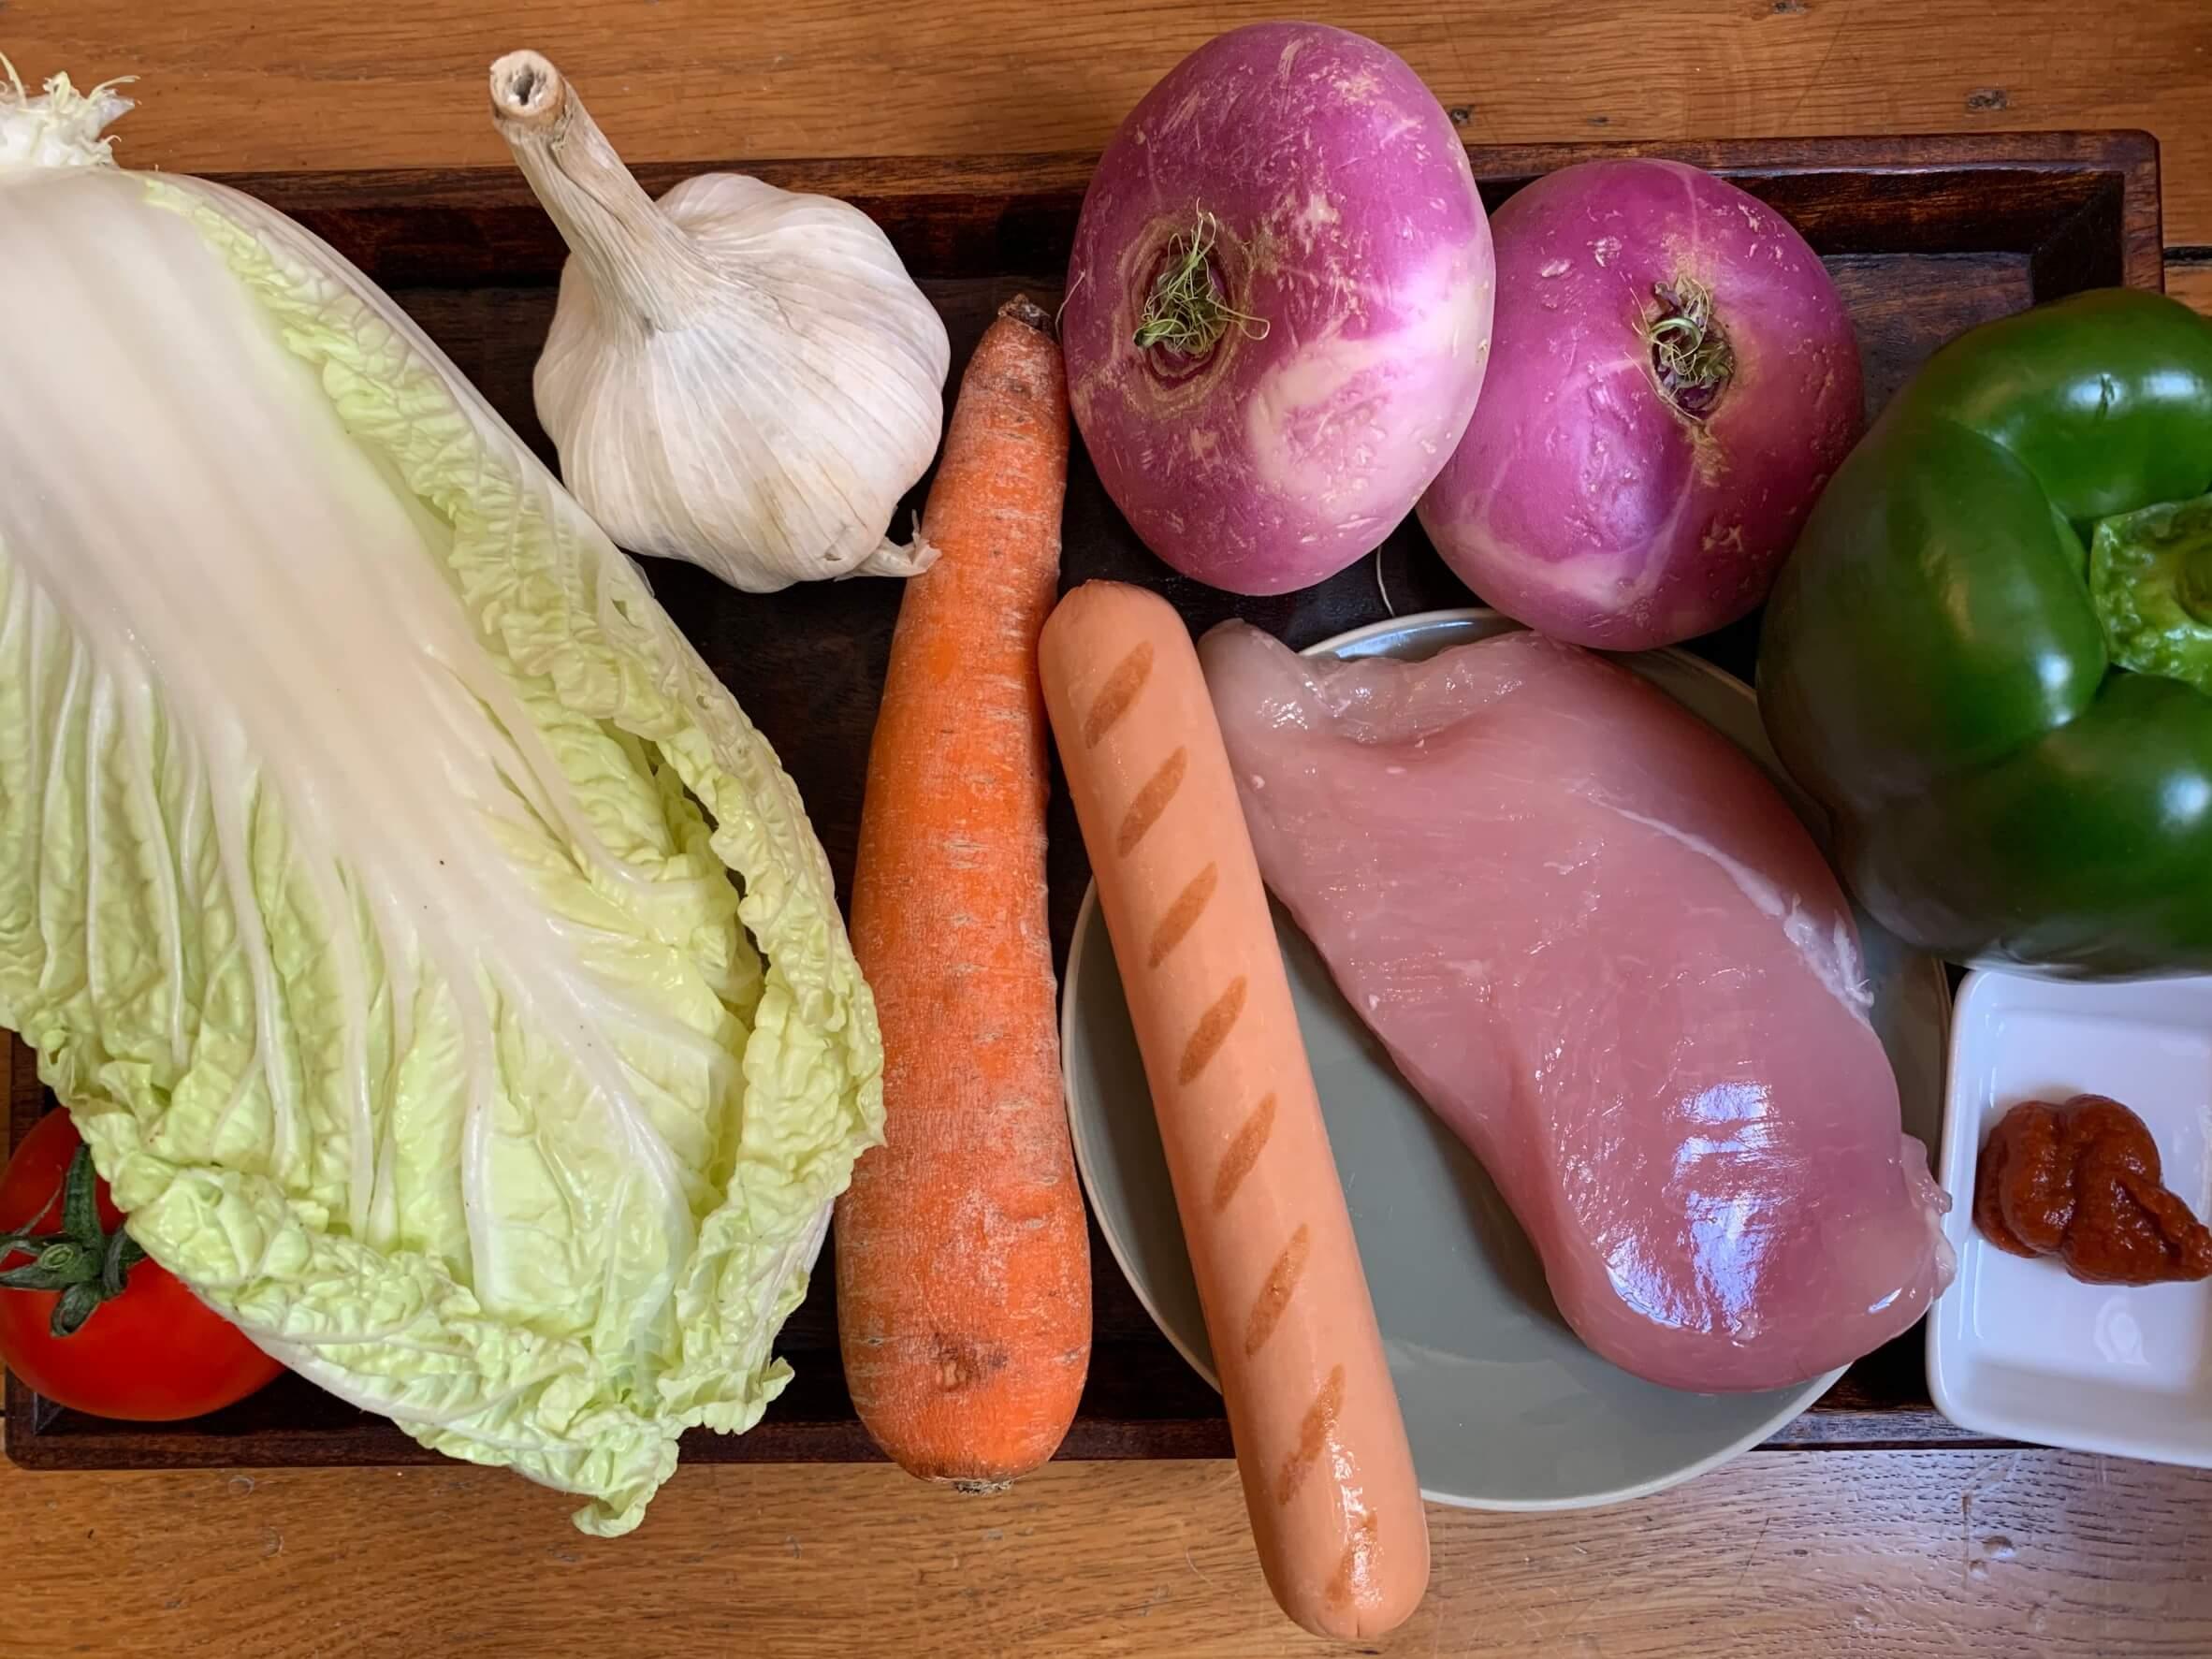 GOTOキッチン「いつもと違うものが食べたい。ならば和風クスクス」